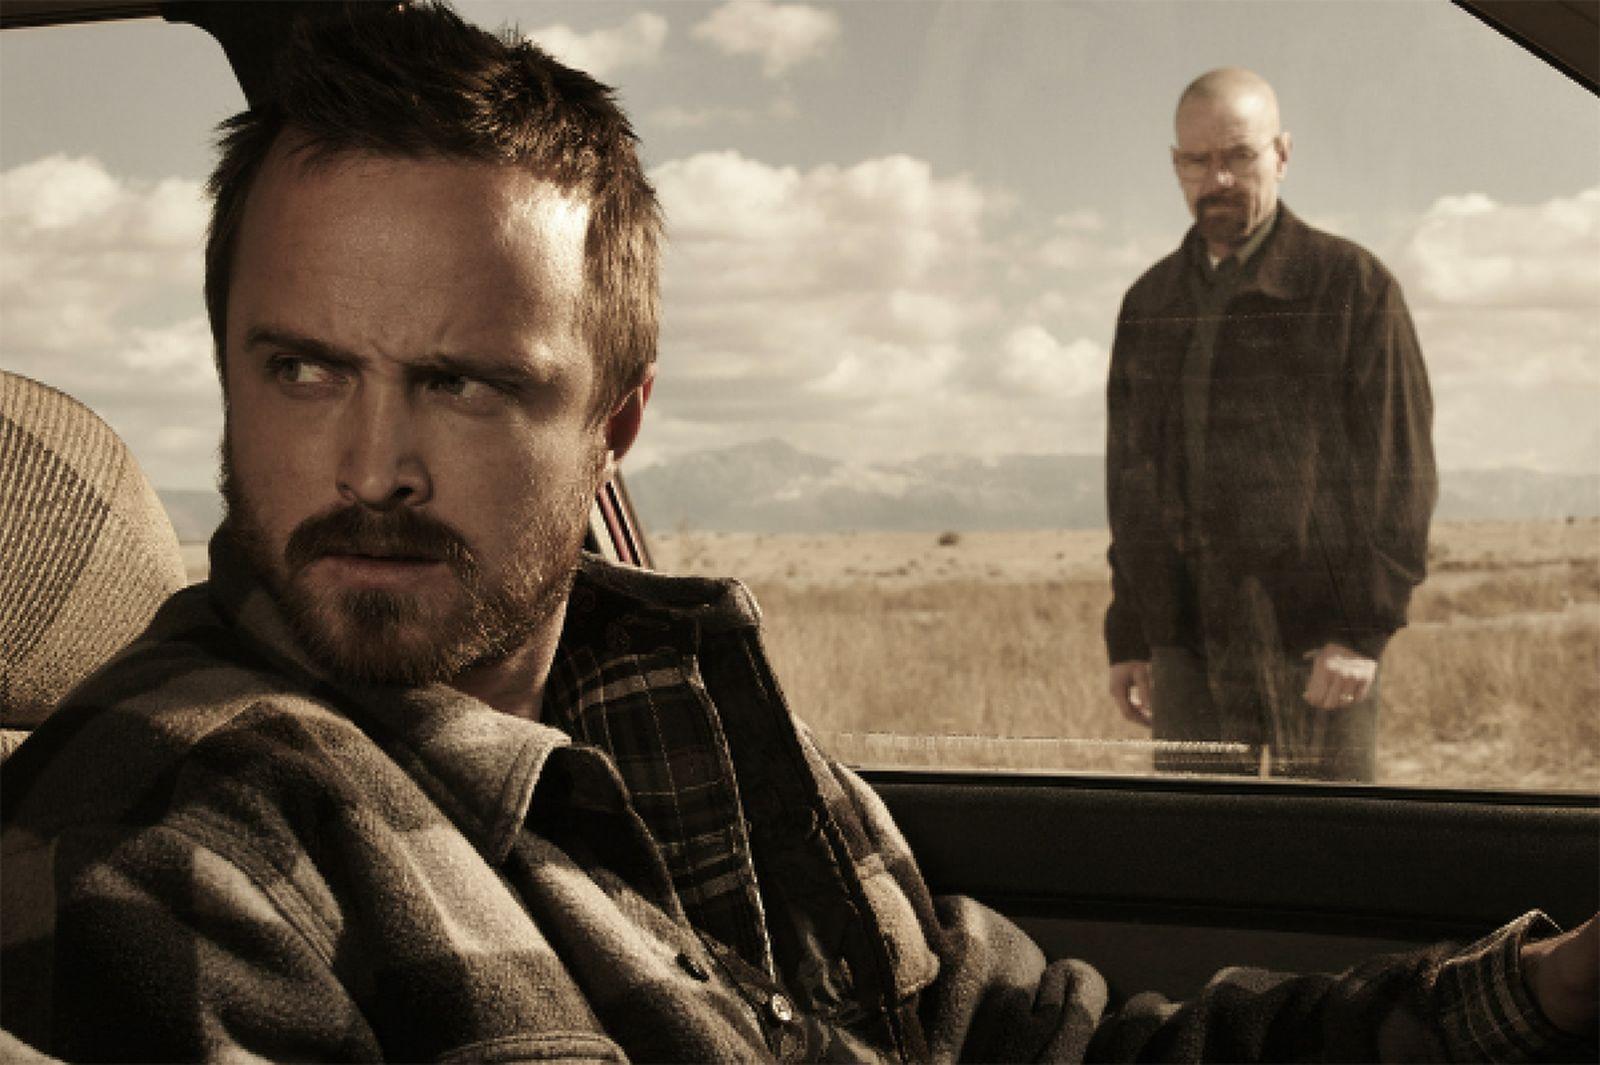 breaking bad scene watch before el camino Aaron Paul Death Row Records El Camino: A Breaking Bad Movie